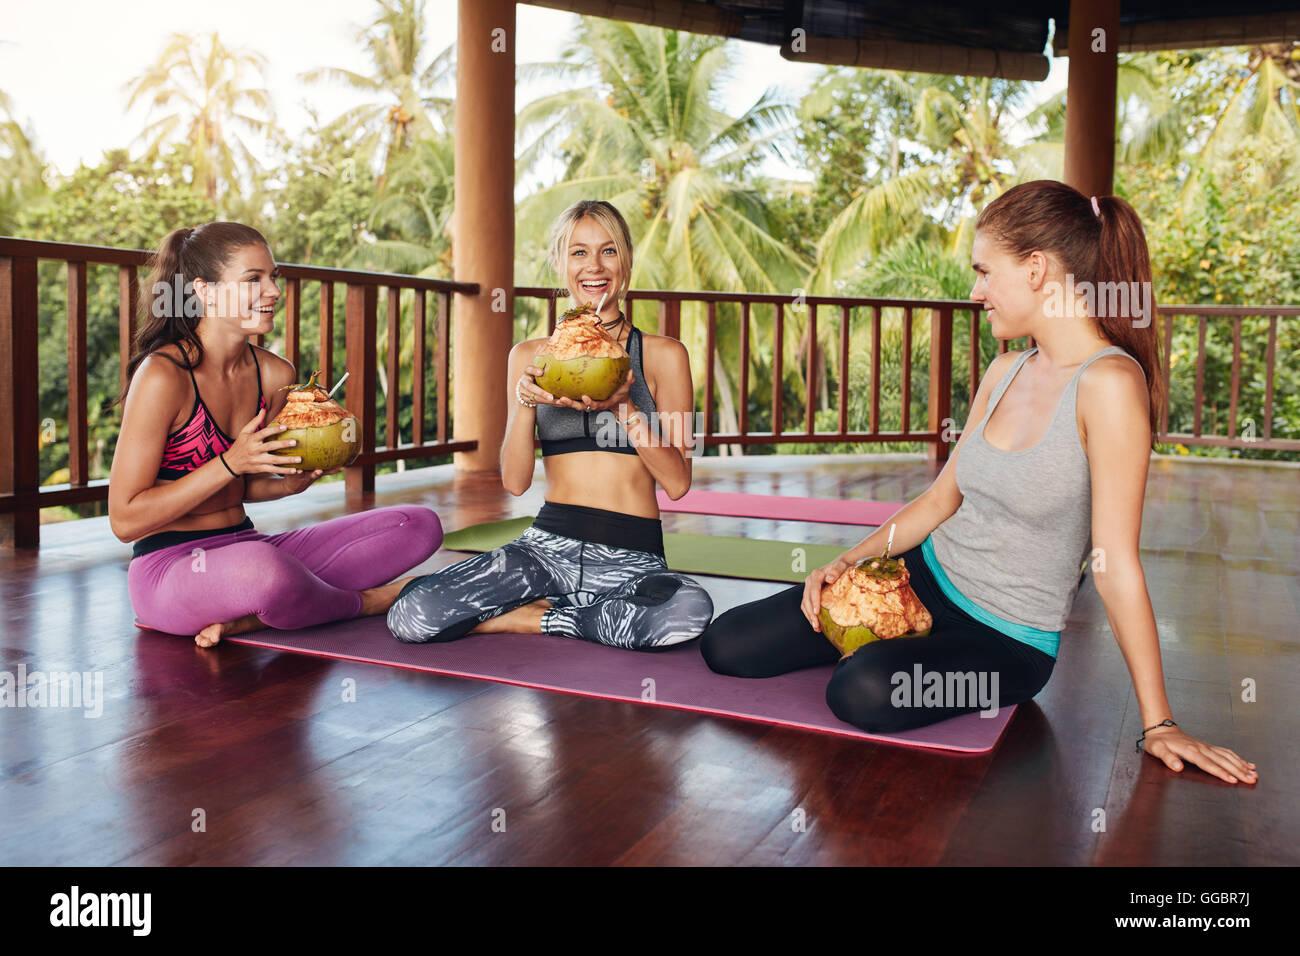 Il gruppo di donne rilassante con succo di cocco dopo la lezione di yoga. Amici di sesso femminile nel corso di Immagini Stock